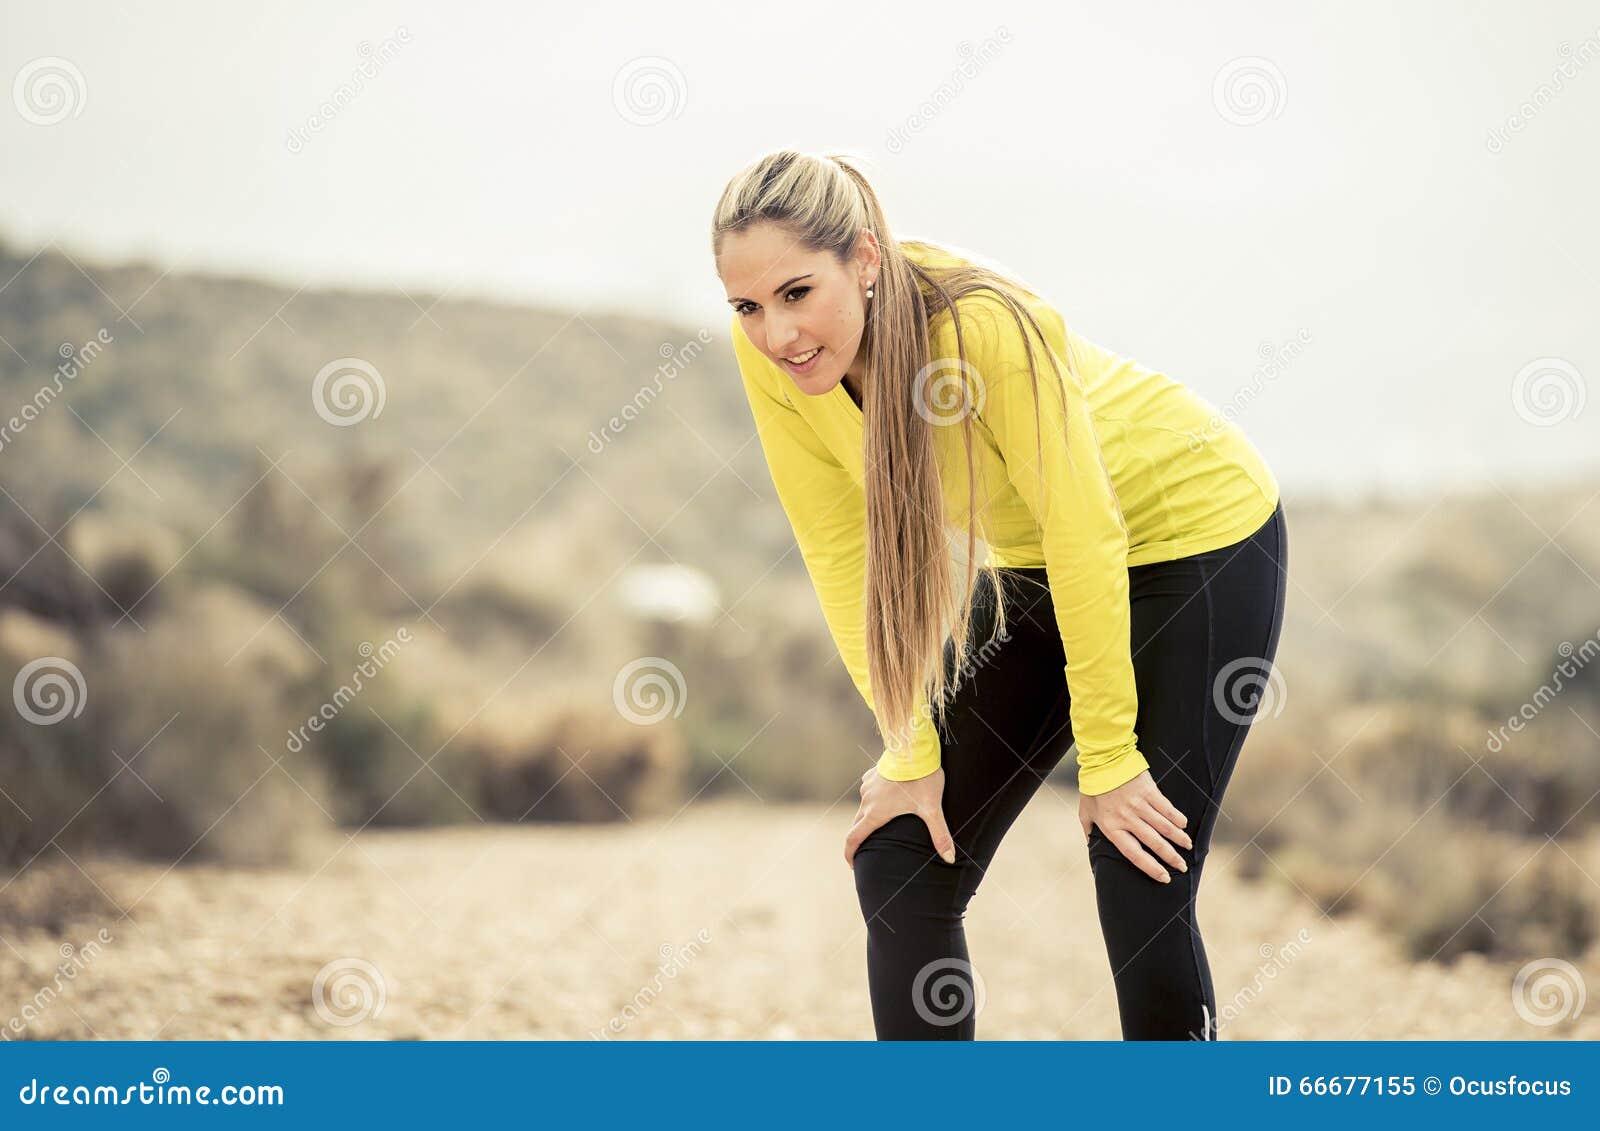 Os jovens esgotaram a mulher do esporte que corre fora na estrada suja que respira